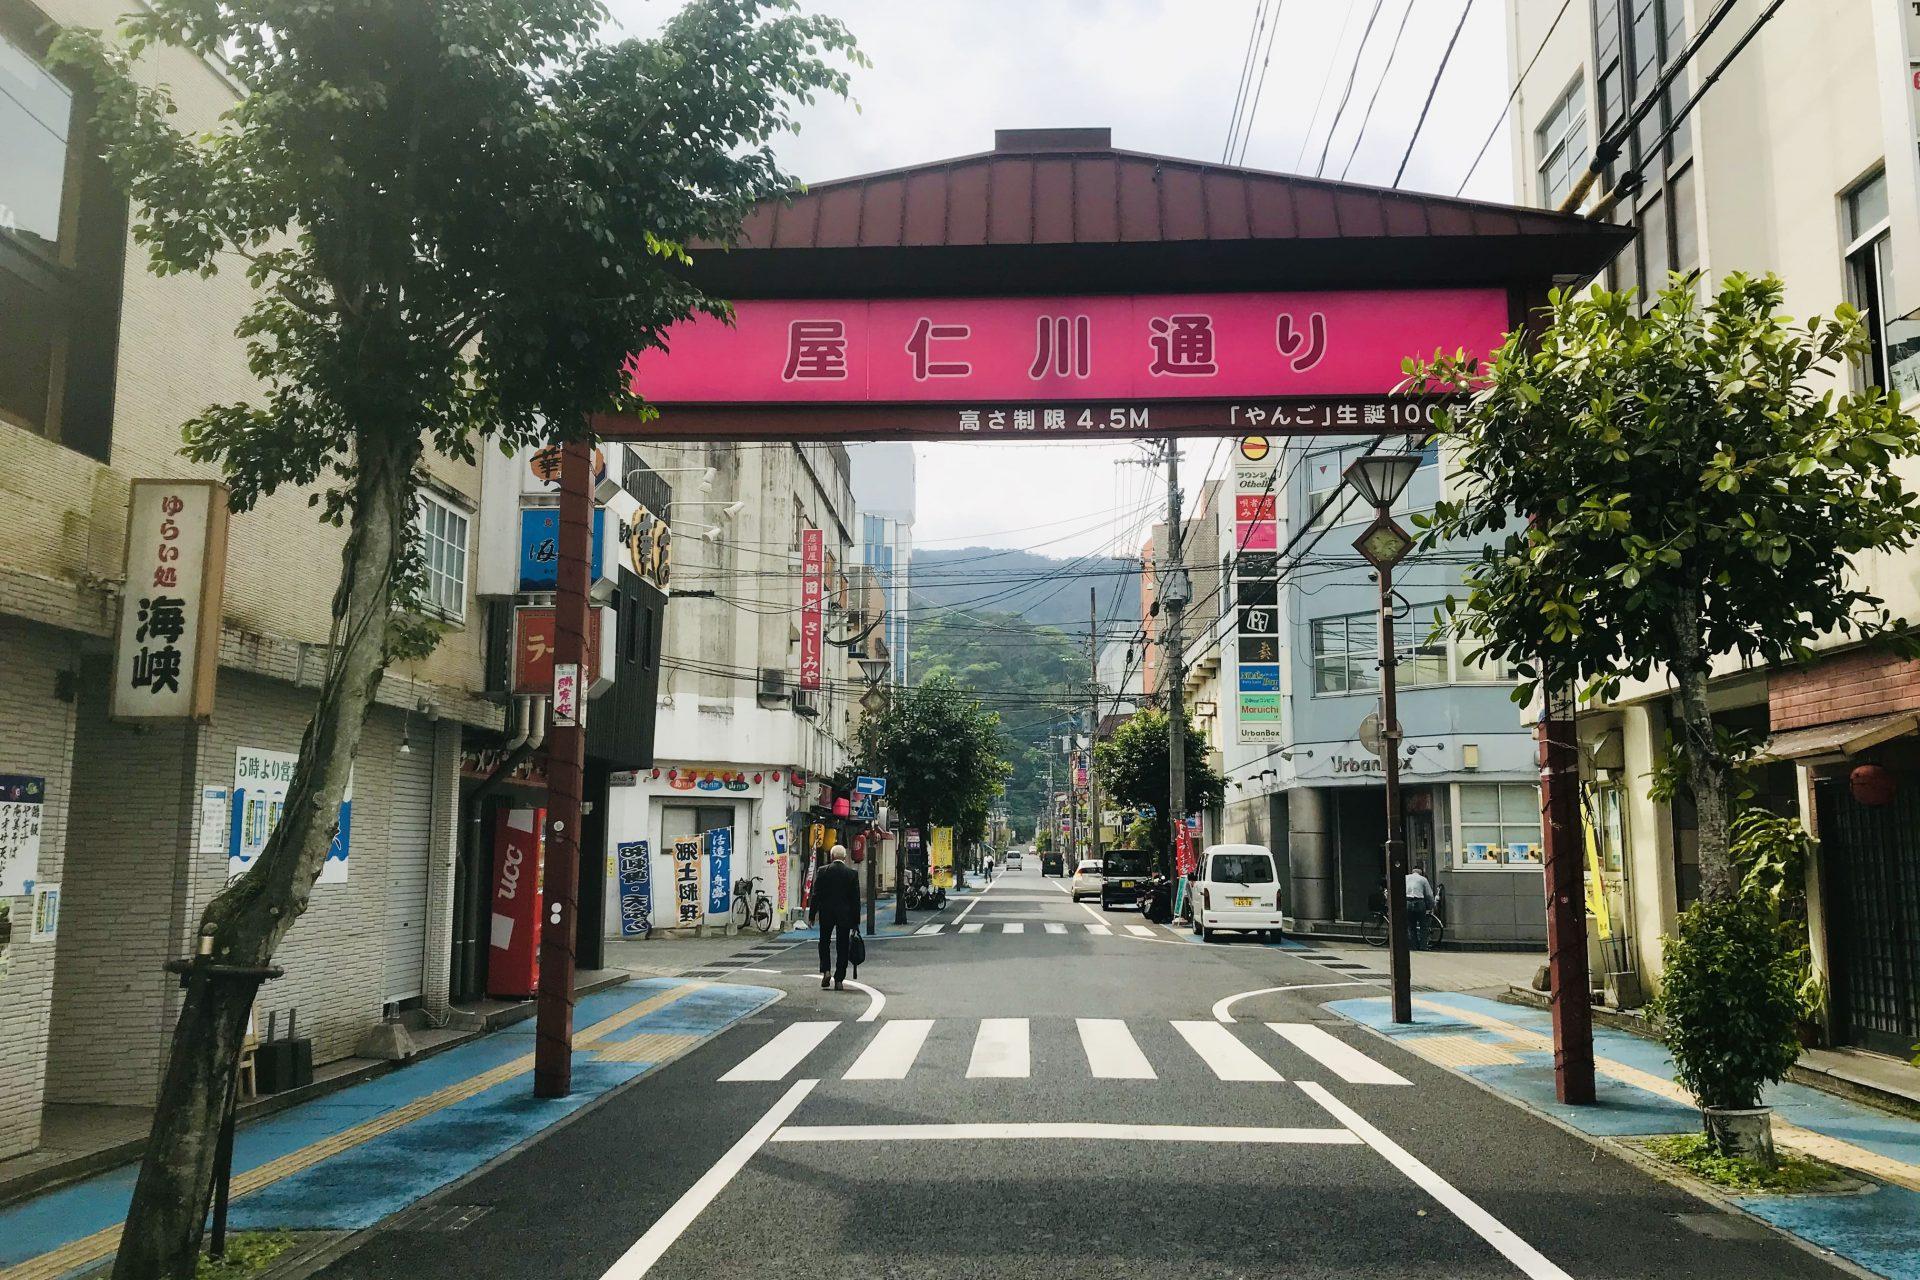 奄美大島 繁華街 屋仁川通り 旅行